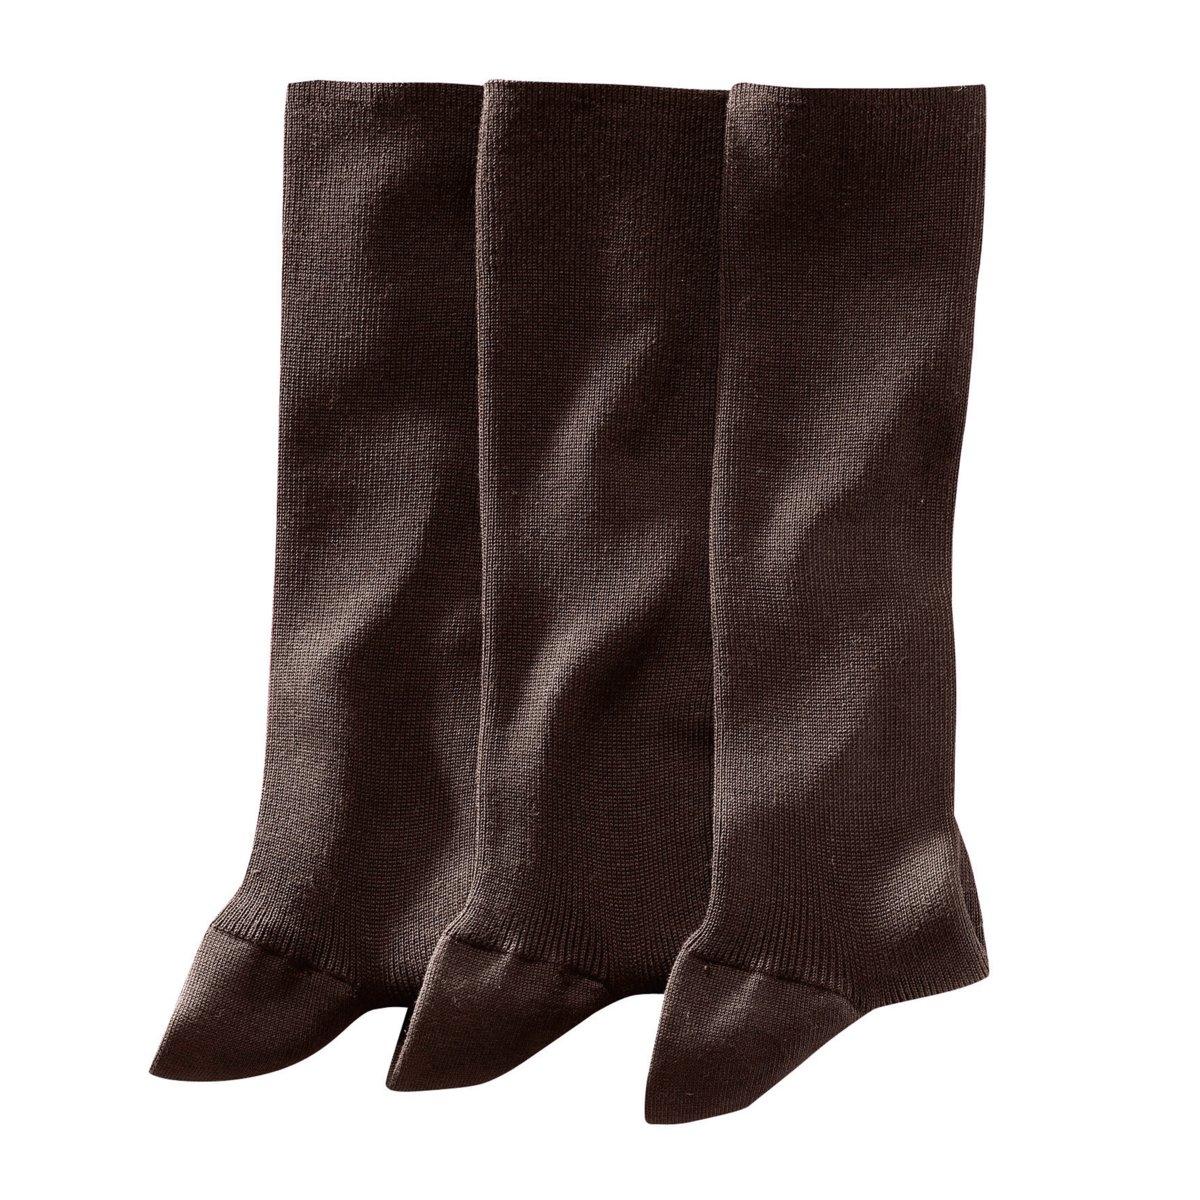 3 пары носков, 85% фильдекосаДля информации: носки темно-серого цвета имеют синеватый оттенок (что незаметно на фотографии).* фильдекос:Натуральная тонкая пряжа,  скручиваемая из нескольких ниток, которую используют только для производства носков самого высокого качества: Чтобы пряжа получила право носить имя фильдекос, она должна пройти 5 ступеней обработки:- Она производится только из длинных волокон хлопка.- Затем хлопок прочесывают, чтобы удалить все посторонние включения.- Операция опаливания позволяет устранить с поверхности все выступающие кончики, а значит, предотвратить скатывание ткани в дальнейшем.- Кручение пряжи, когда из двух нитей получают одну, значительно повышает ее прочность.- Наконец, мерсеризация придает ткани превосходную способность впитывать влагу тела (лучше, чем у классического хлопкового волокна), а также дарит ткани мягкость и атласный внешний вид.Чтобы дольше сохранить превосходное качество изделия, рекомендуем стирать его, вывернув наизнанку.<br><br>Цвет: антрацит,каштановый,черный<br>Размер: 39/40.39/40